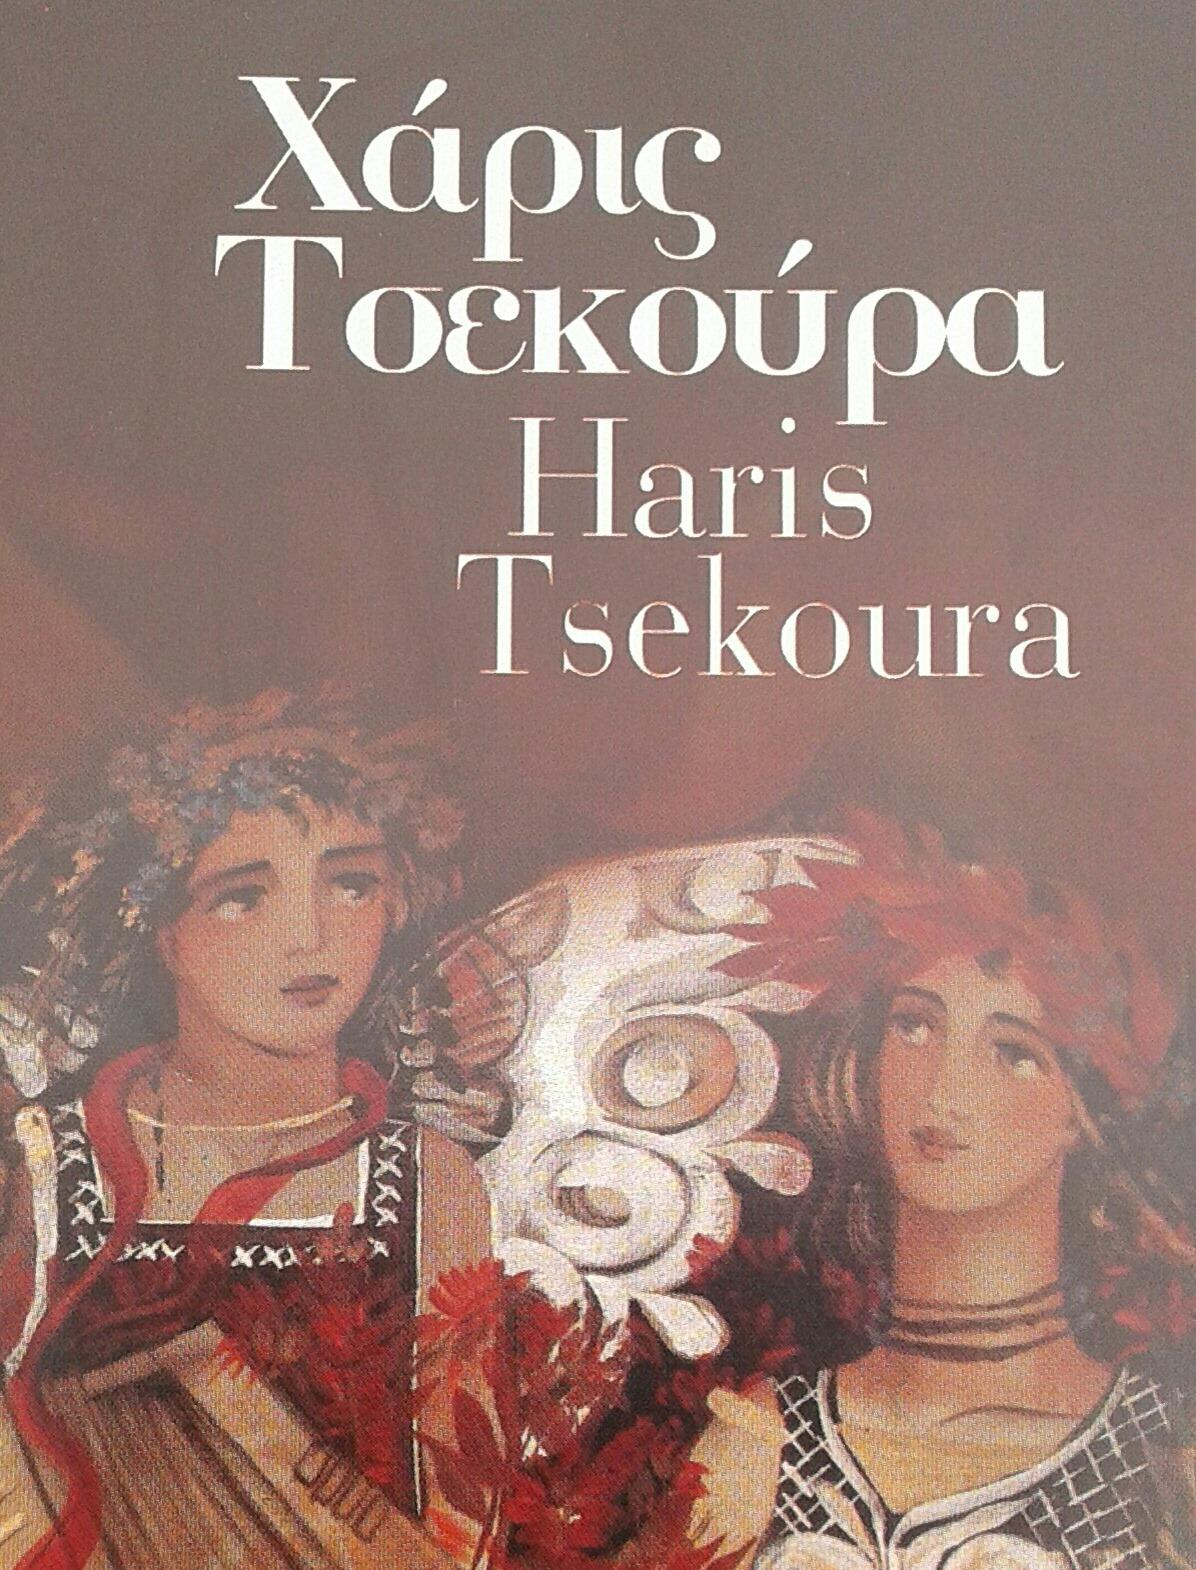 Έκθεση ζωγραφικής της διεθνούς φήμης Ζωγράφου Χάρις Τσεκούρα στην Λάρισα